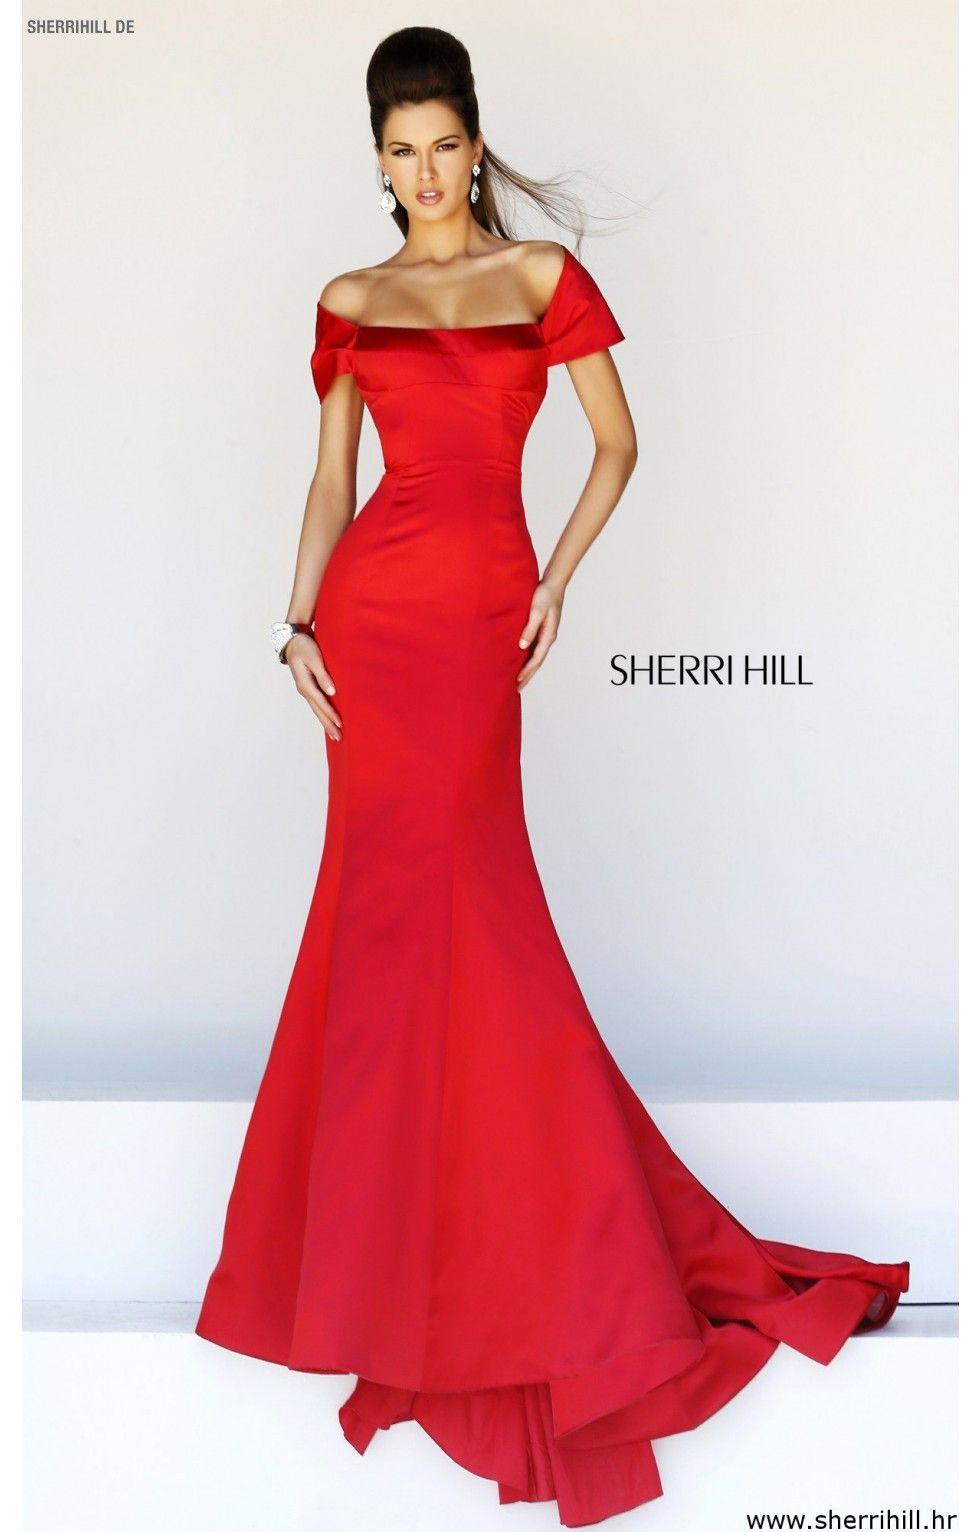 Sherri hill miss pageant gowns pinterest sherri hill